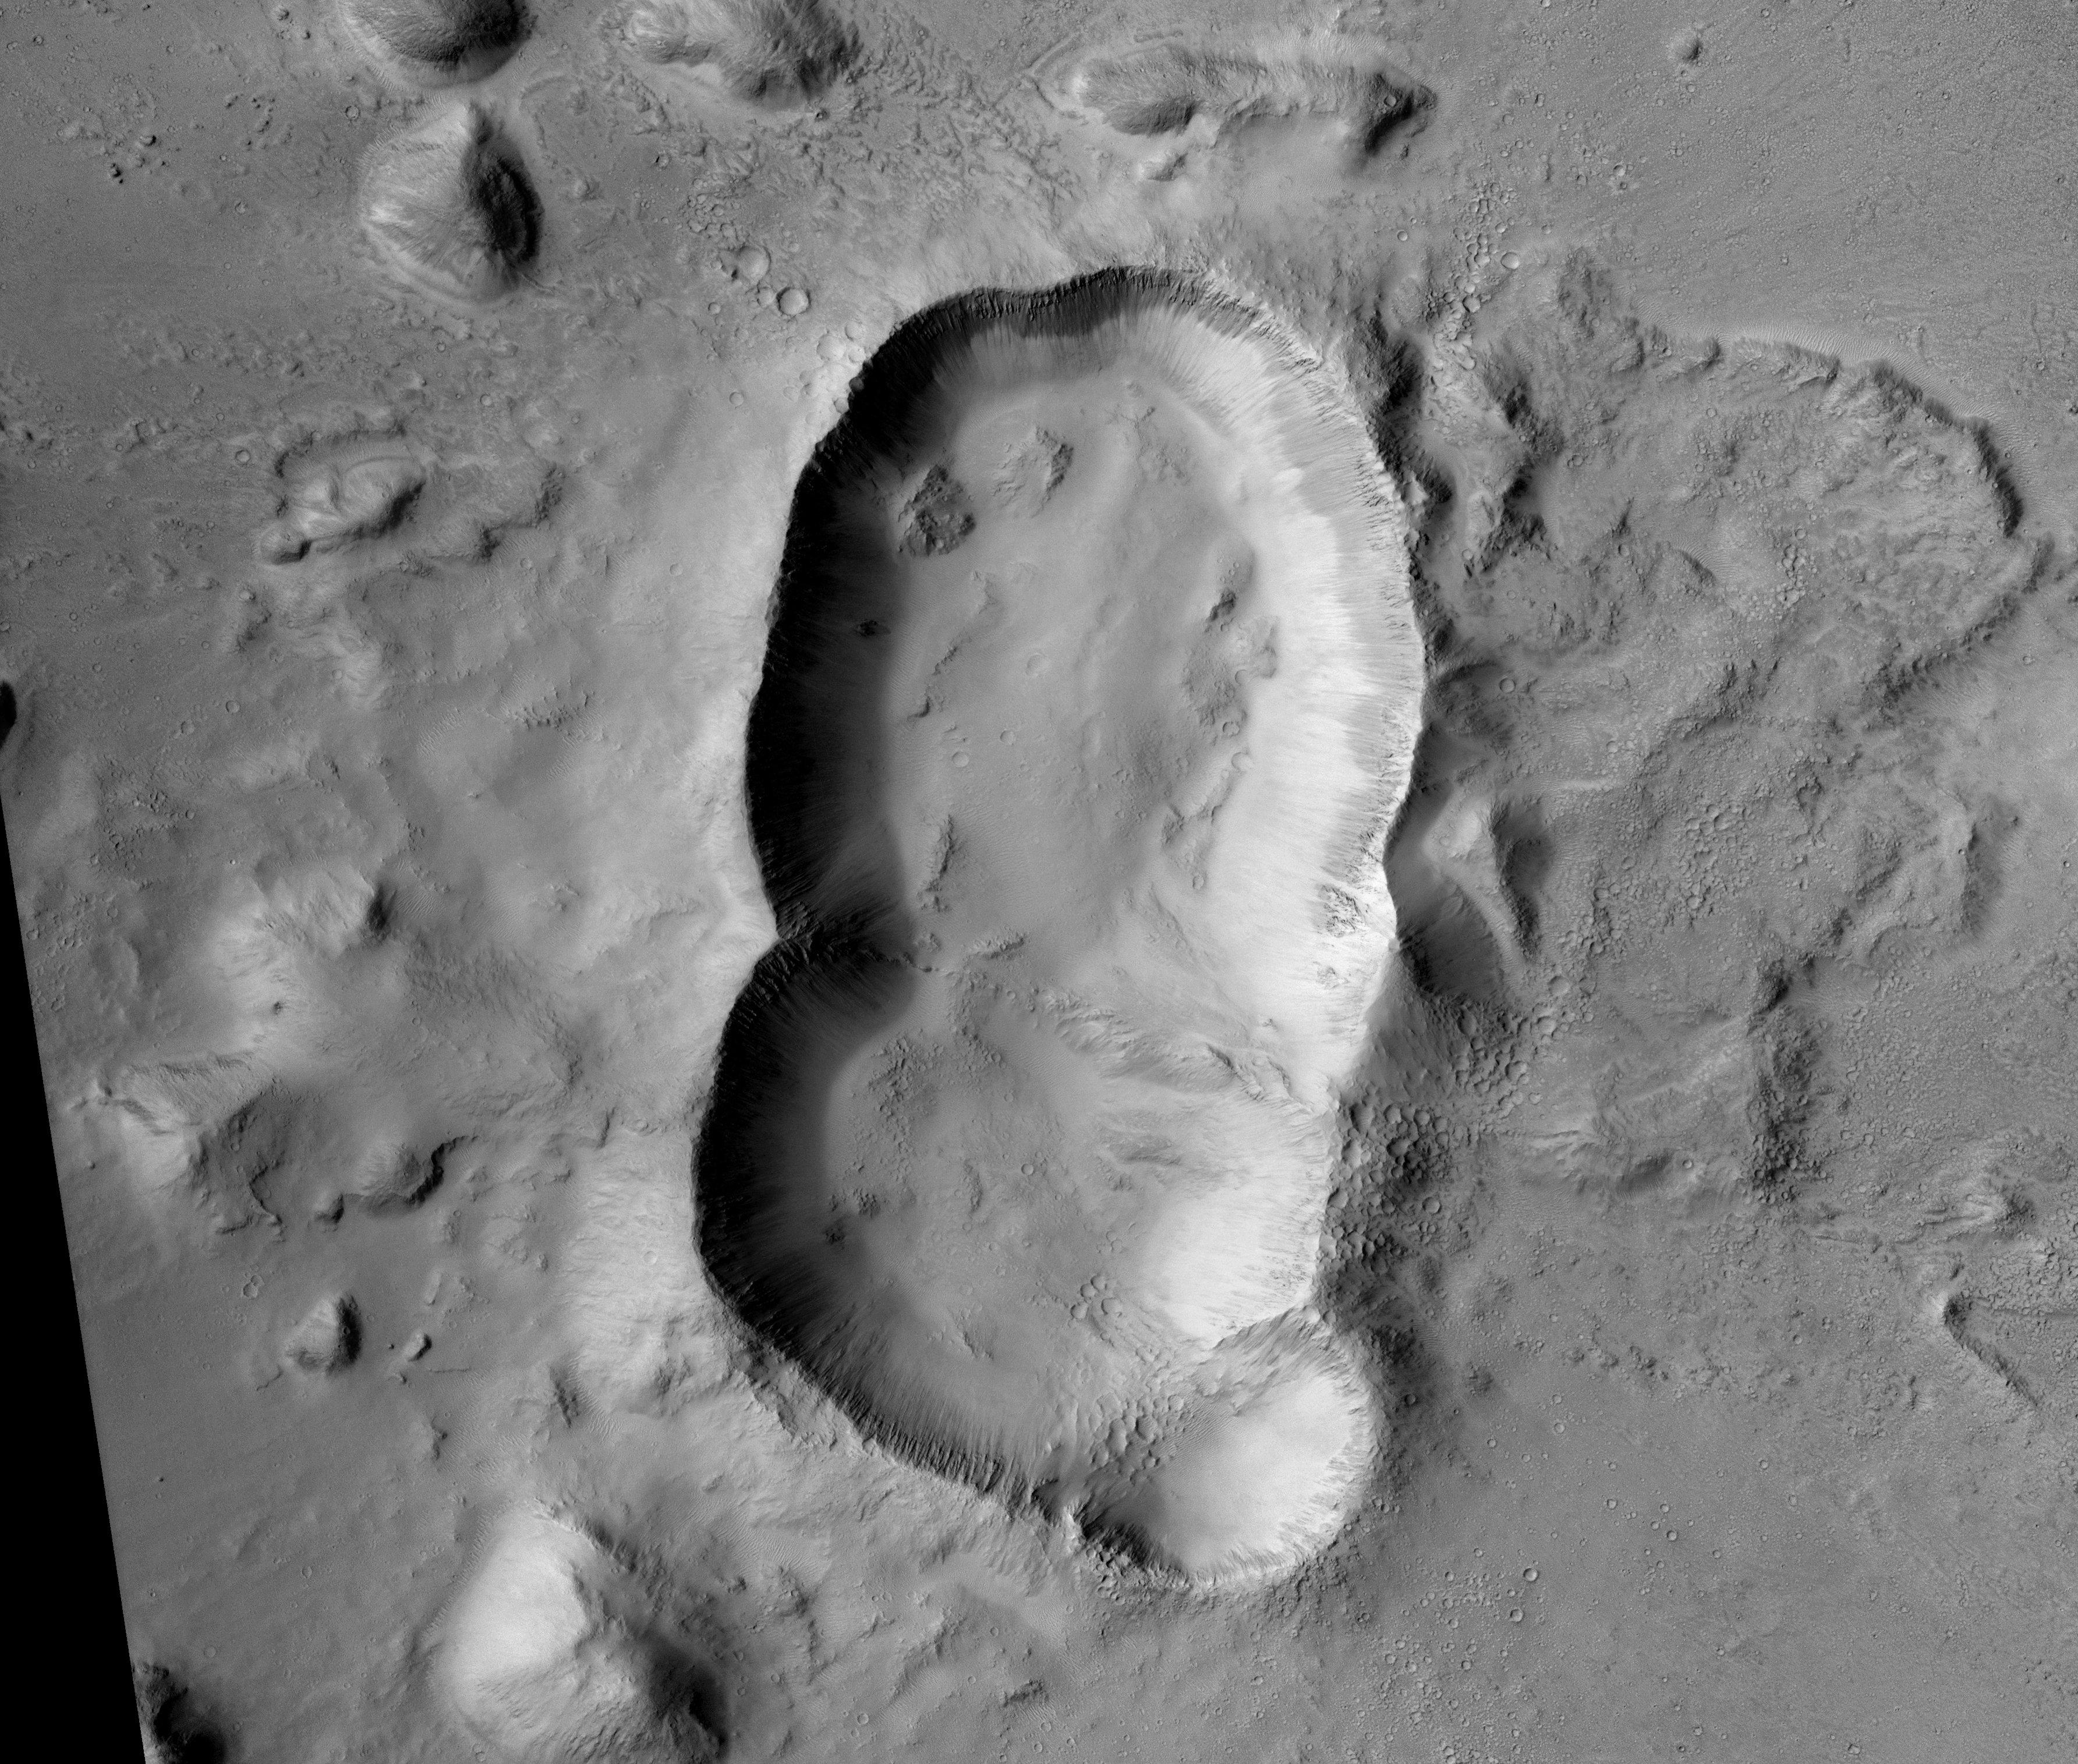 Imagens incríveis revelam uma cratera tripla formada misteriosamente em Marte